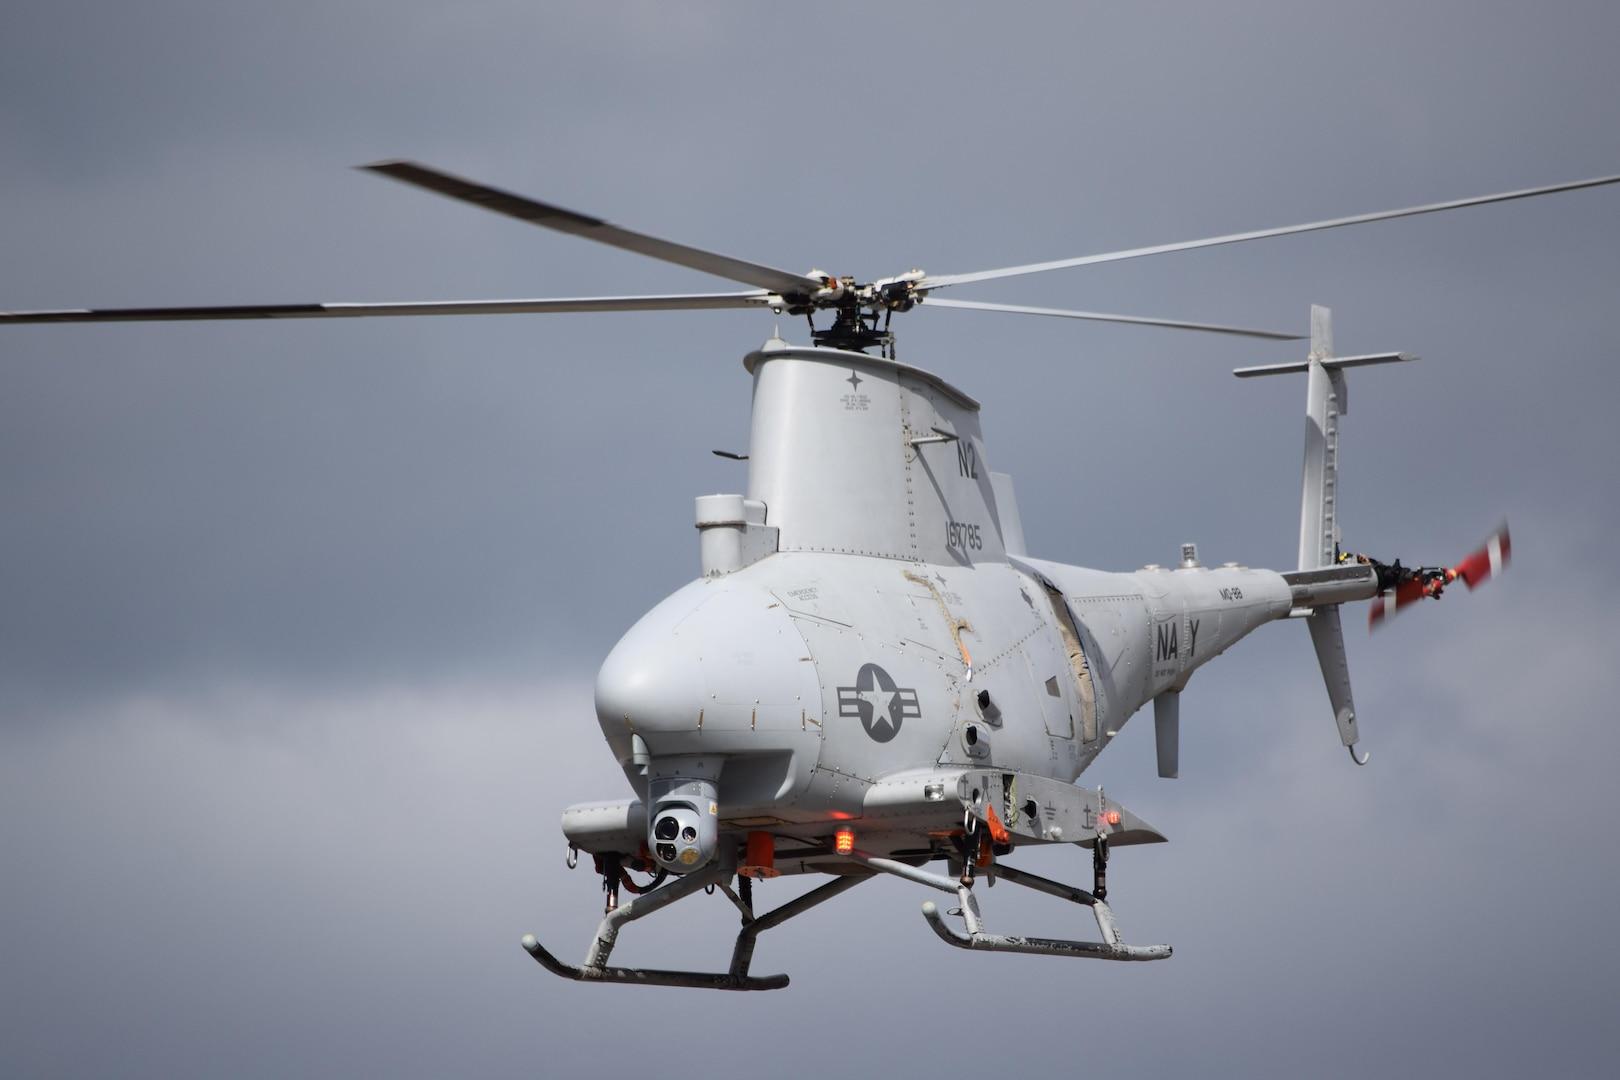 Image: MQ-8B Fire Scout